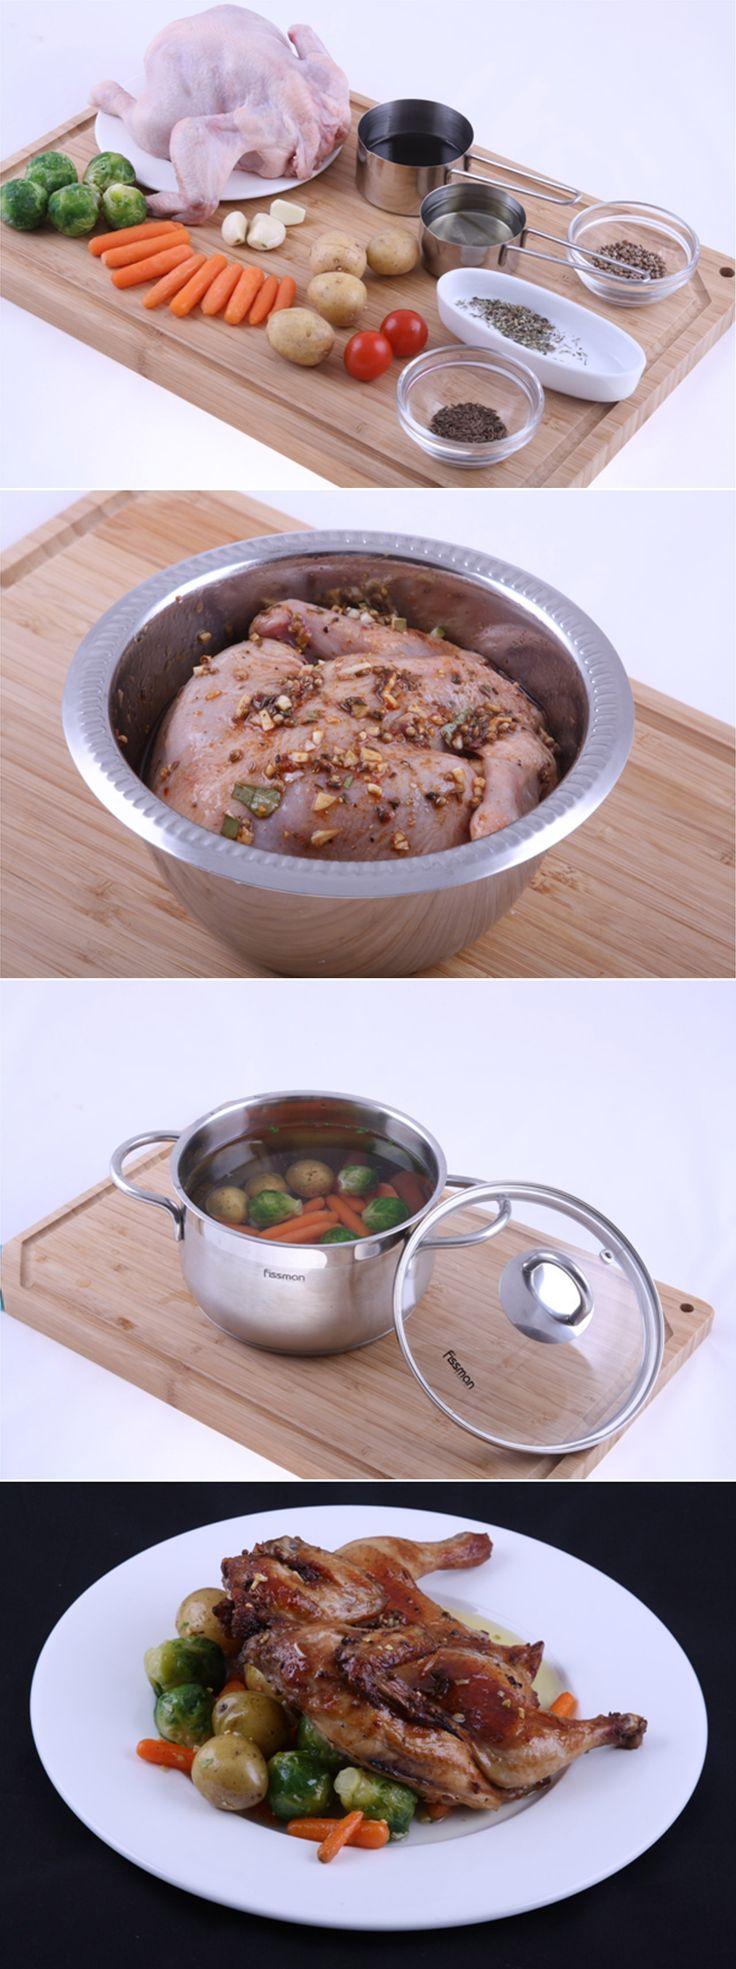 Цыпленок в оригинальных специях  с мини овощами обжаренными в чесноке. Если думаете, что запеченным цыпленком никого не удивить, то вы ошибаетесь. Все будут в восторге!  Рецепт сложностью ниже среднего и временем приготовления 1 час. Полный список ингредиентов и способ приготовления блюда вы можете увидеть в...http://vk.com/dinnerday; http://instagram.com/dinnerday #dinnerday